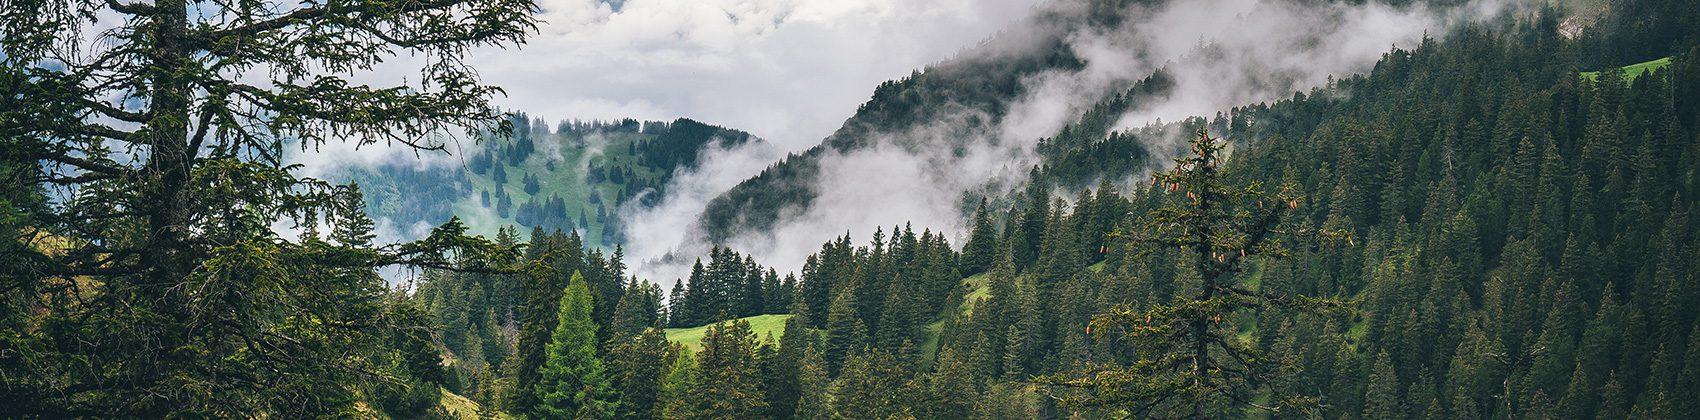 السياحة في جبال الألب: ماذا تفعل في دولة ليختنشتاين